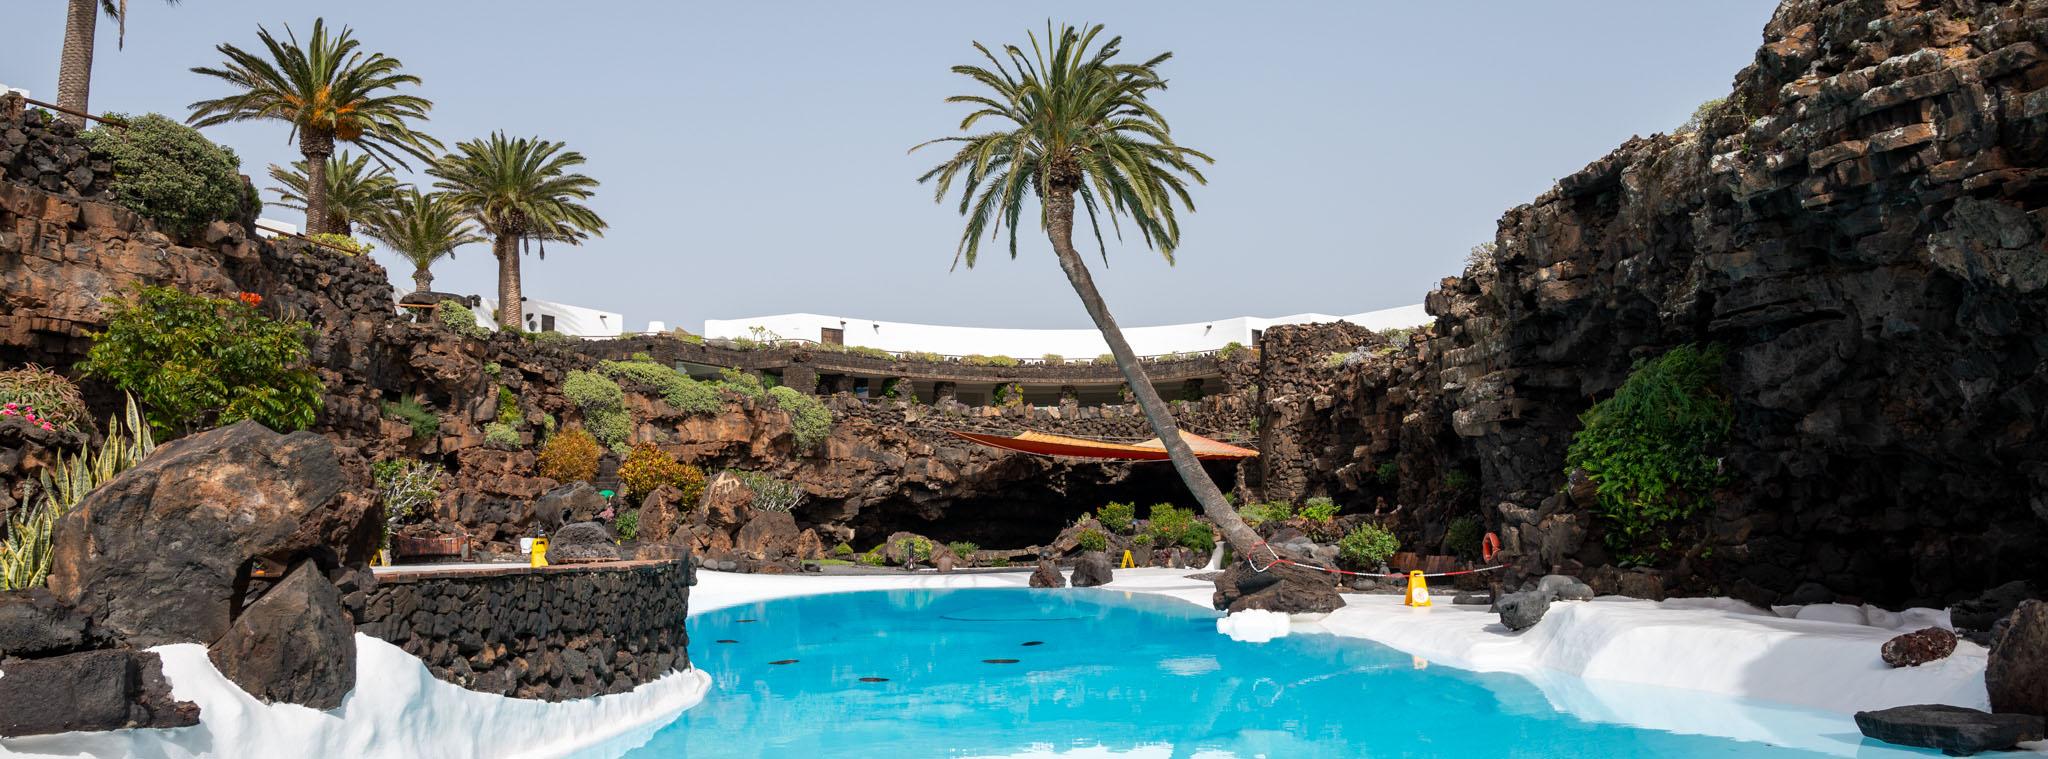 Lanzarote Sehenswürdigkeiten